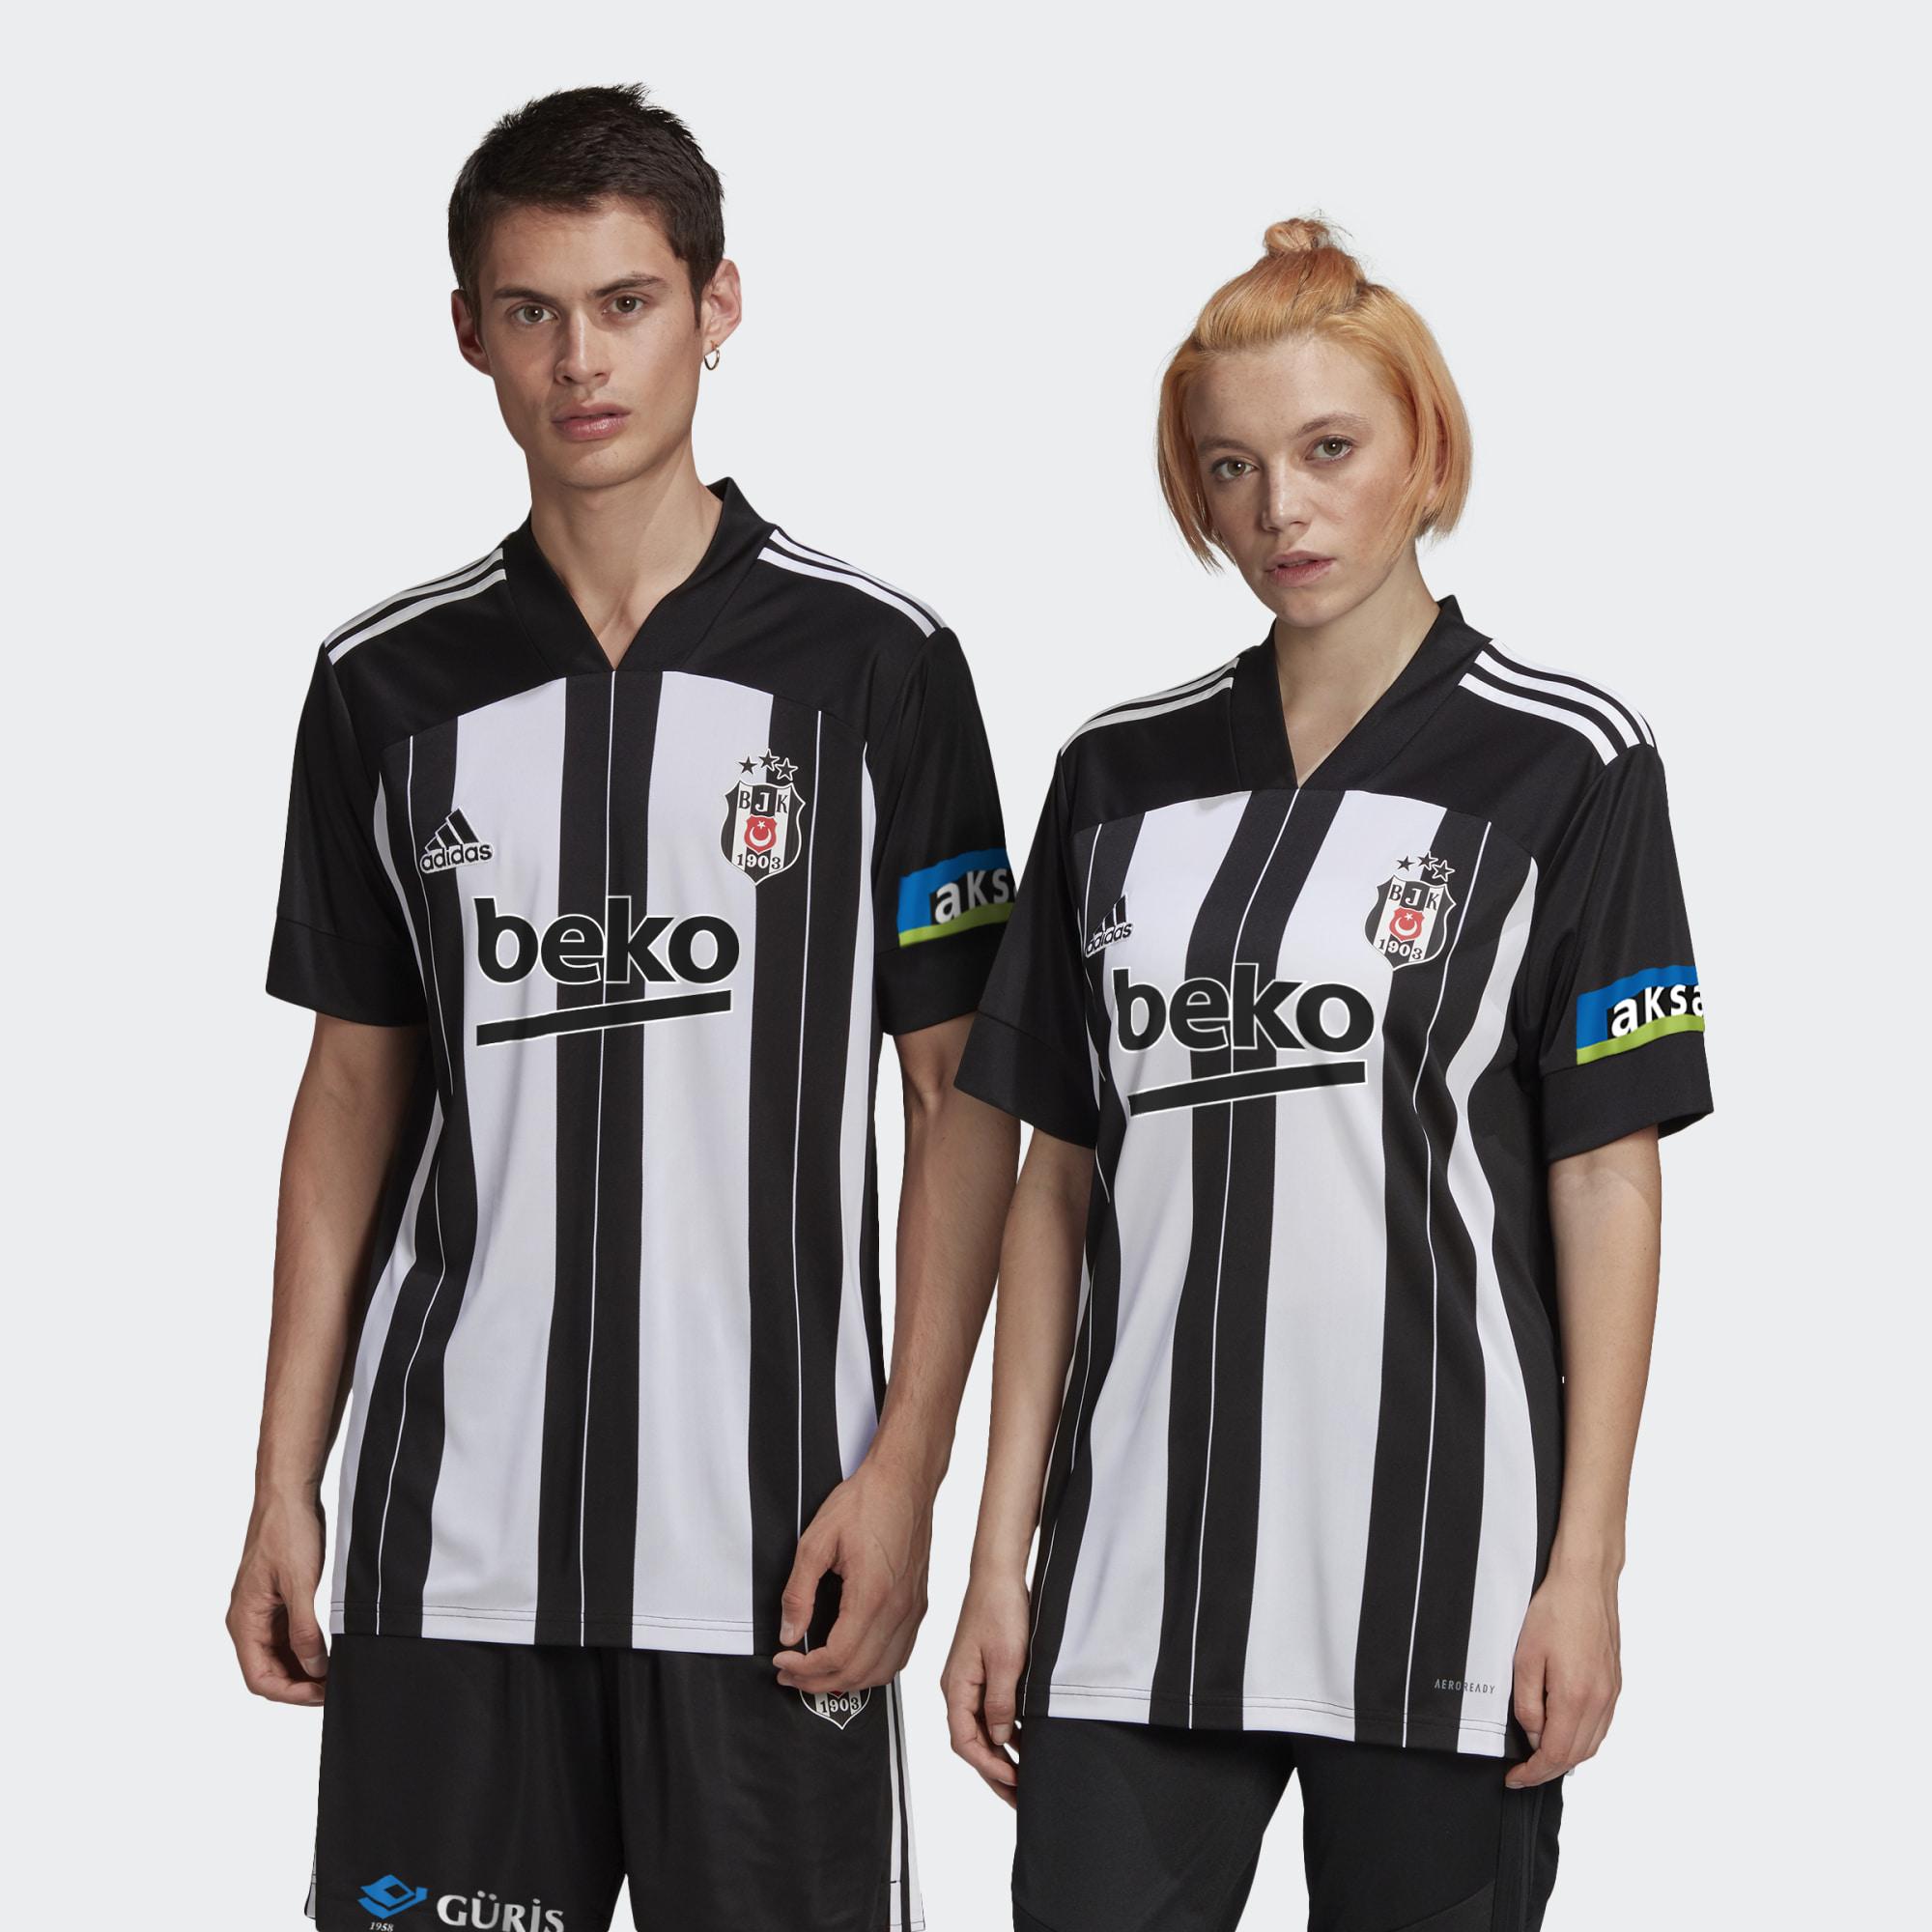 Beşiktaş 2020-21 Adidas Away Kit   20/21 Kits   Football shirt blog